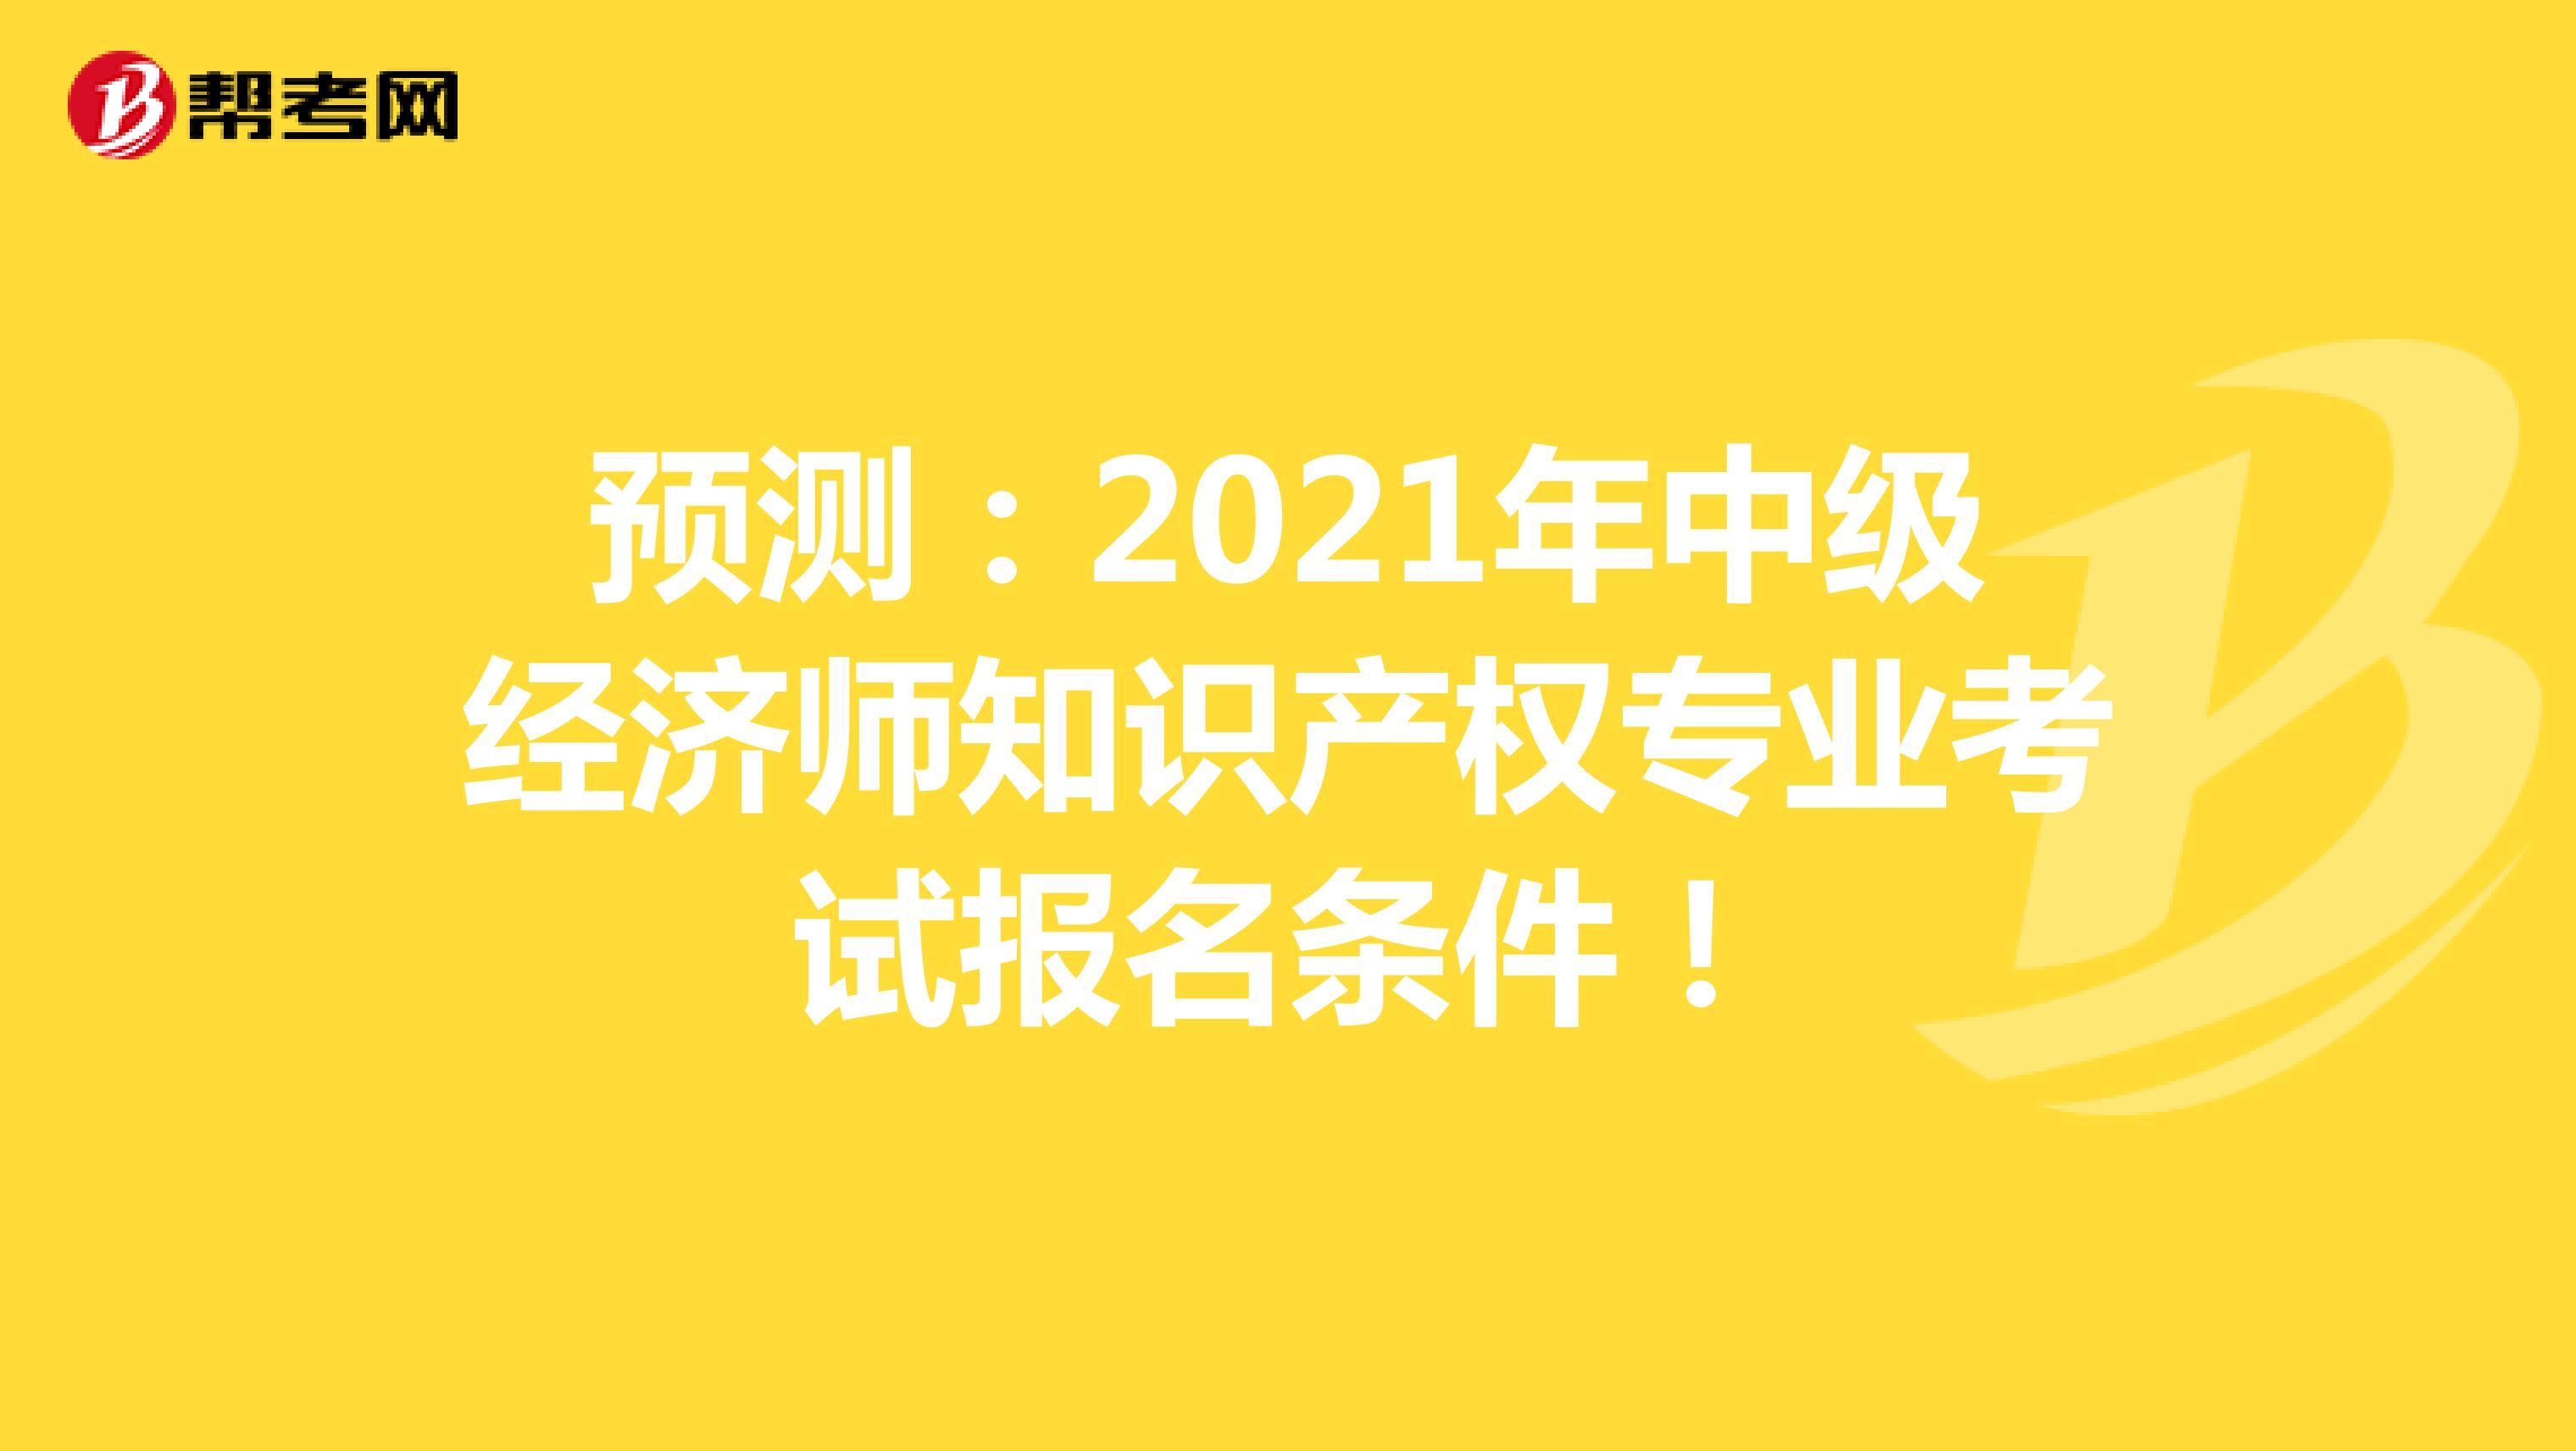 預測:2021年中級經濟師知識產權專業考試報名條件!